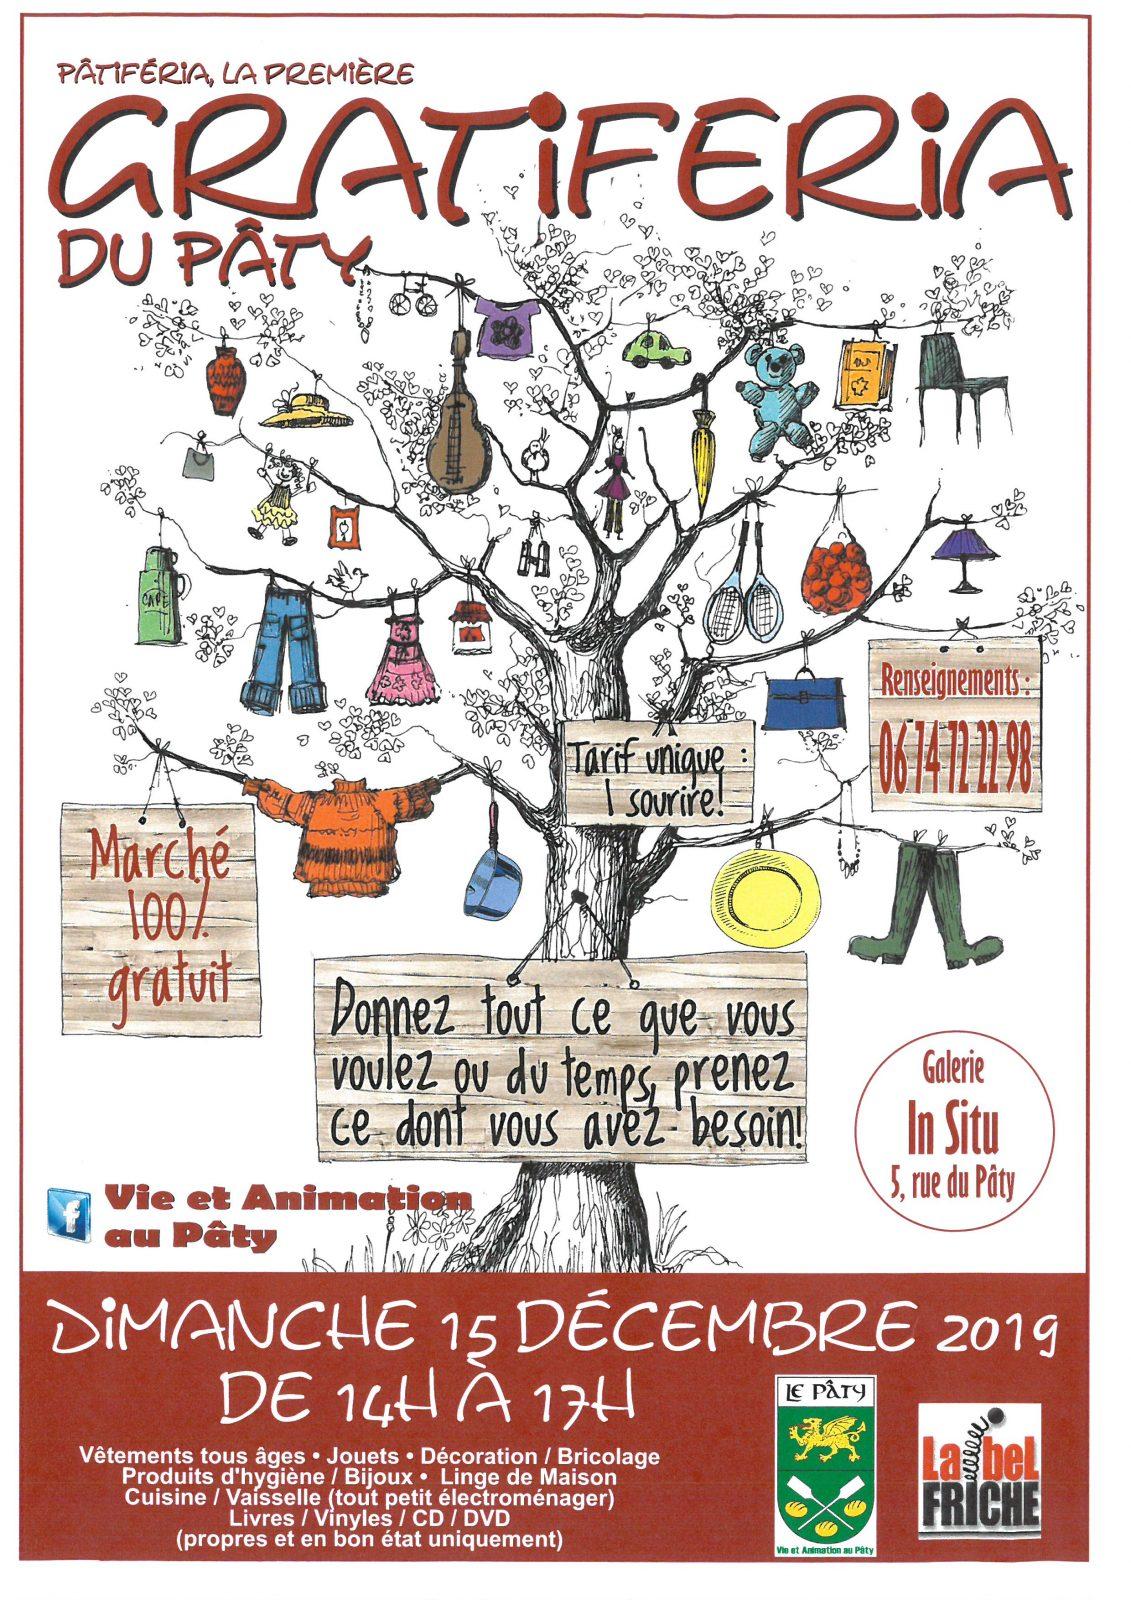 Marché Gratiferia 100% gratuit à NOGENT-LE-ROTROU © Vie et animation au Paty